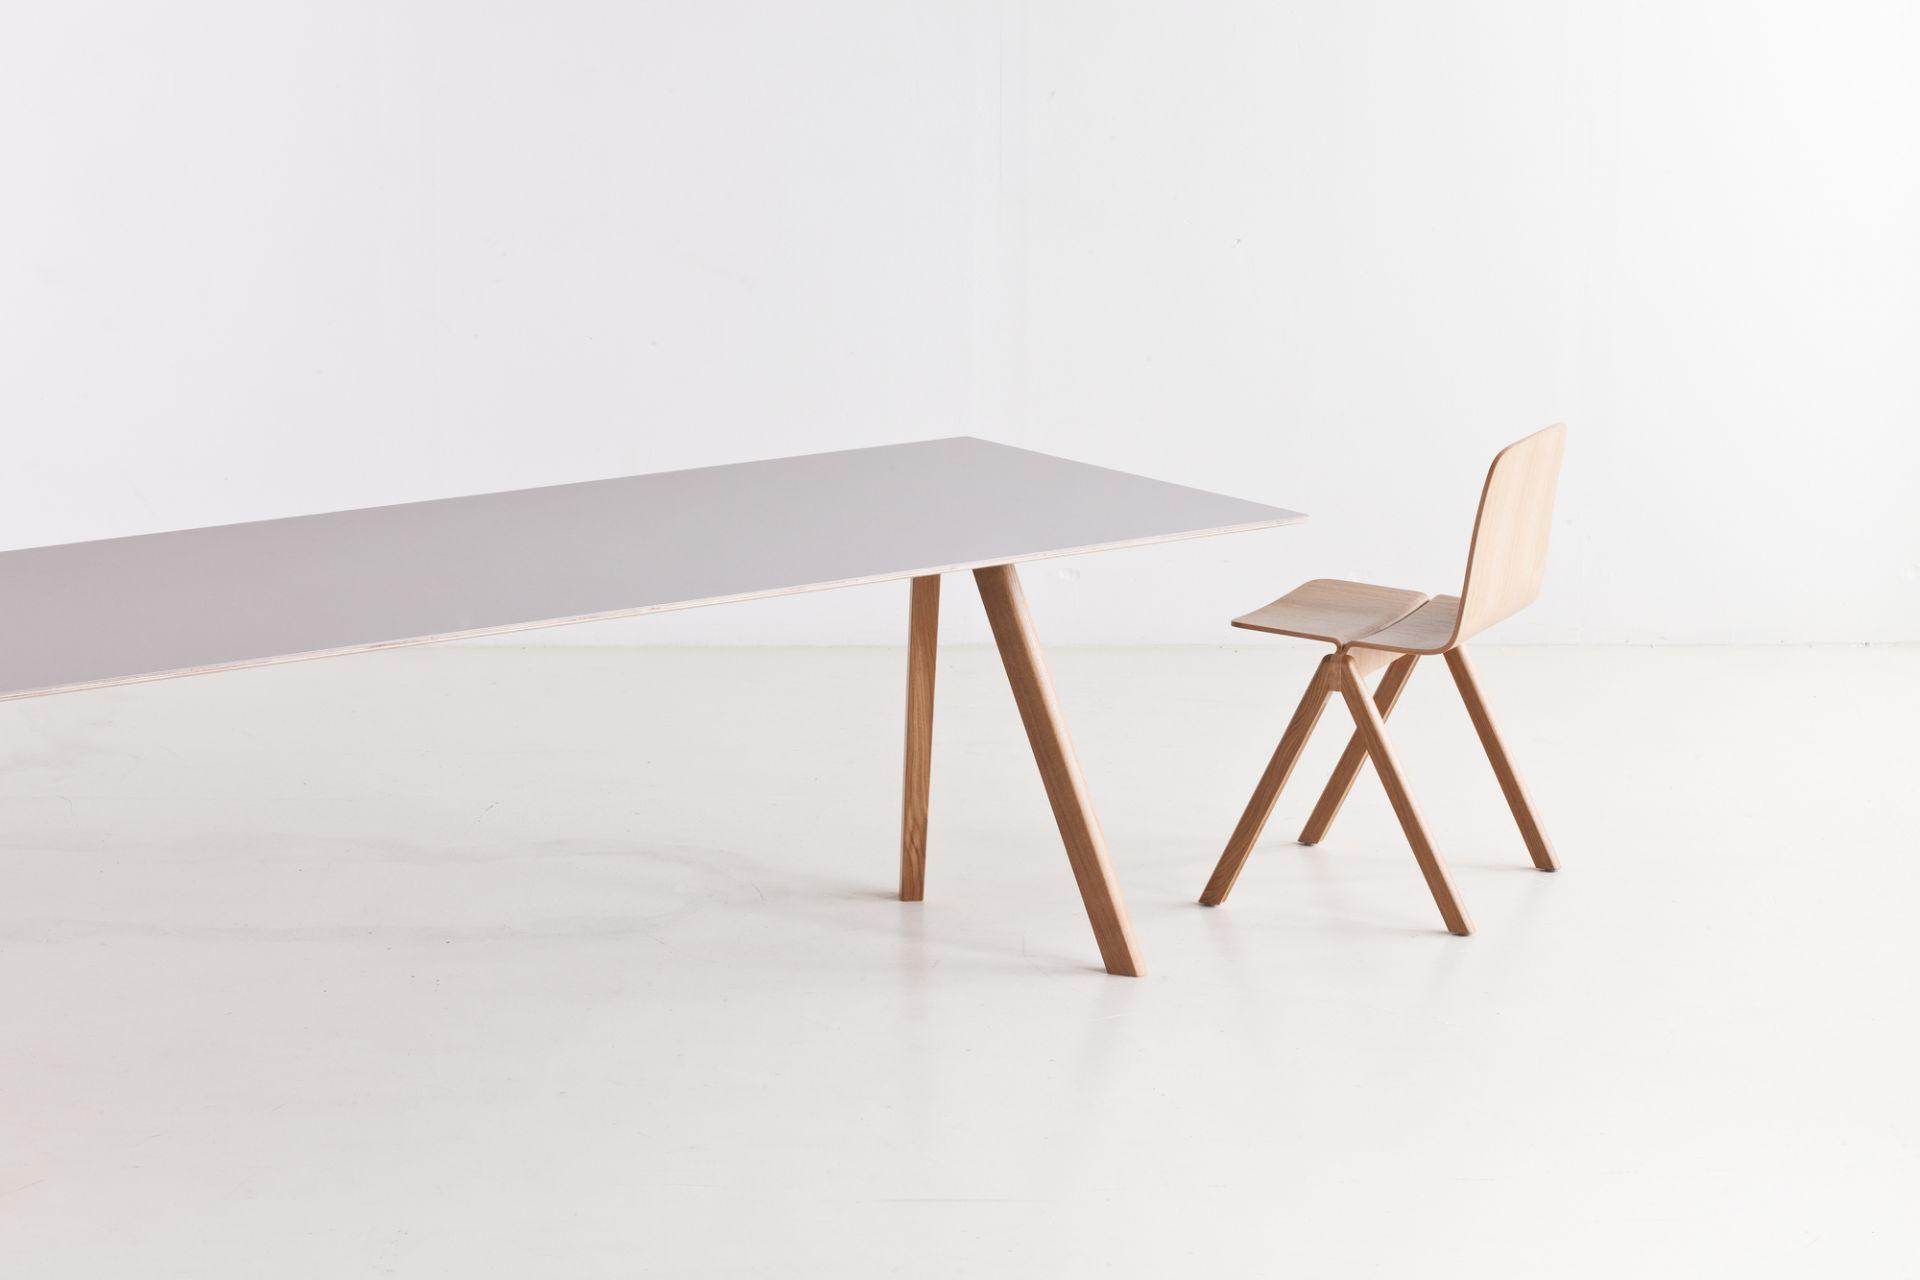 Copenhague Table CPH 30 Tisch 300 x 120 cm Hay